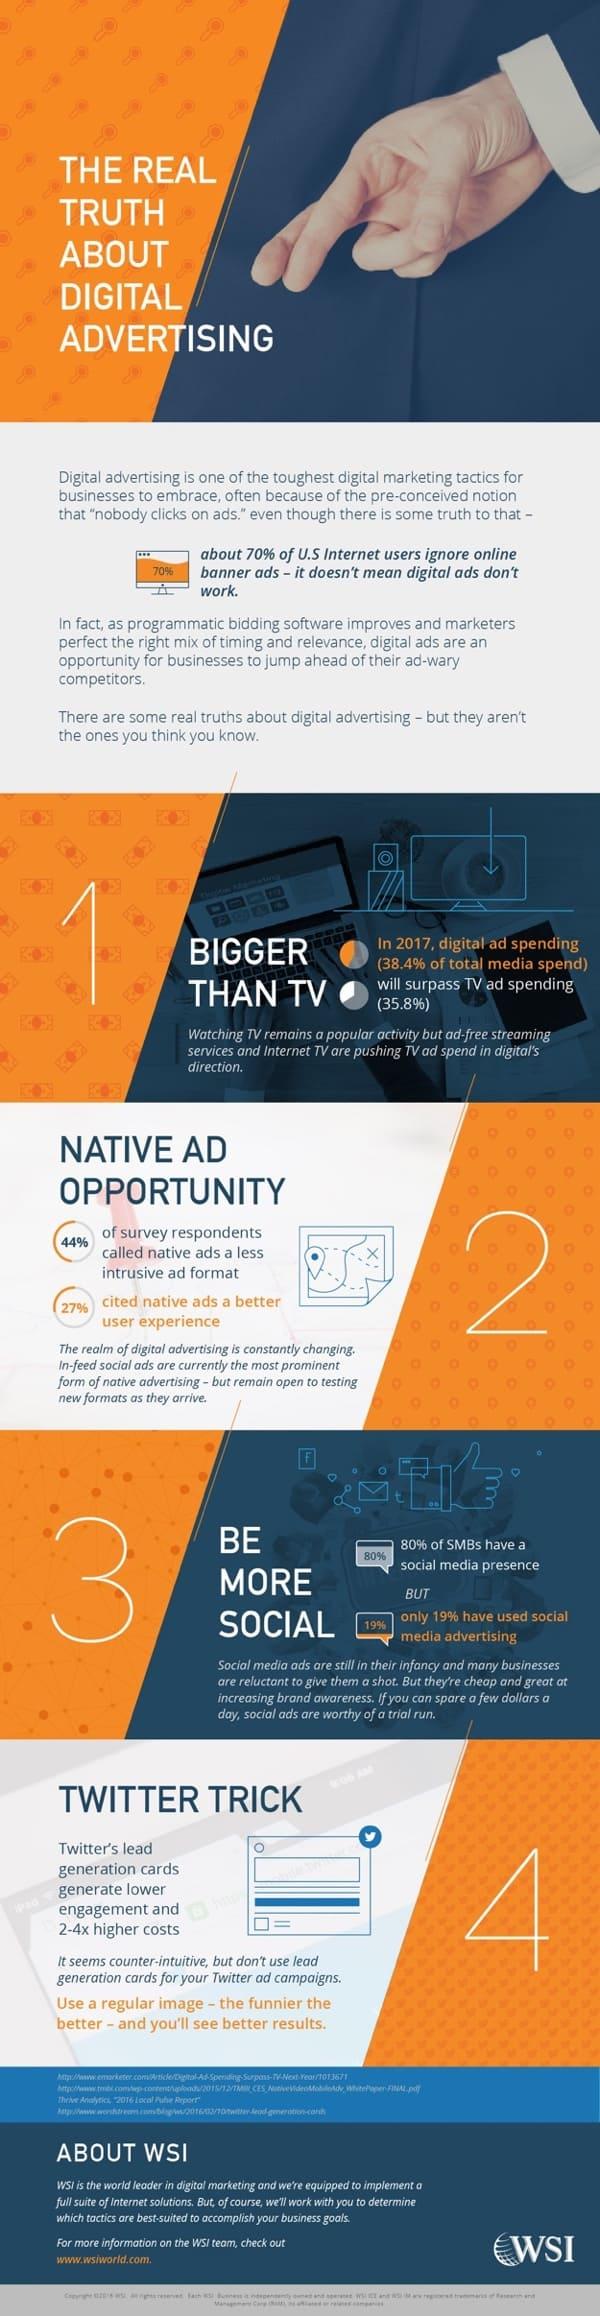 Marketing_6 Image